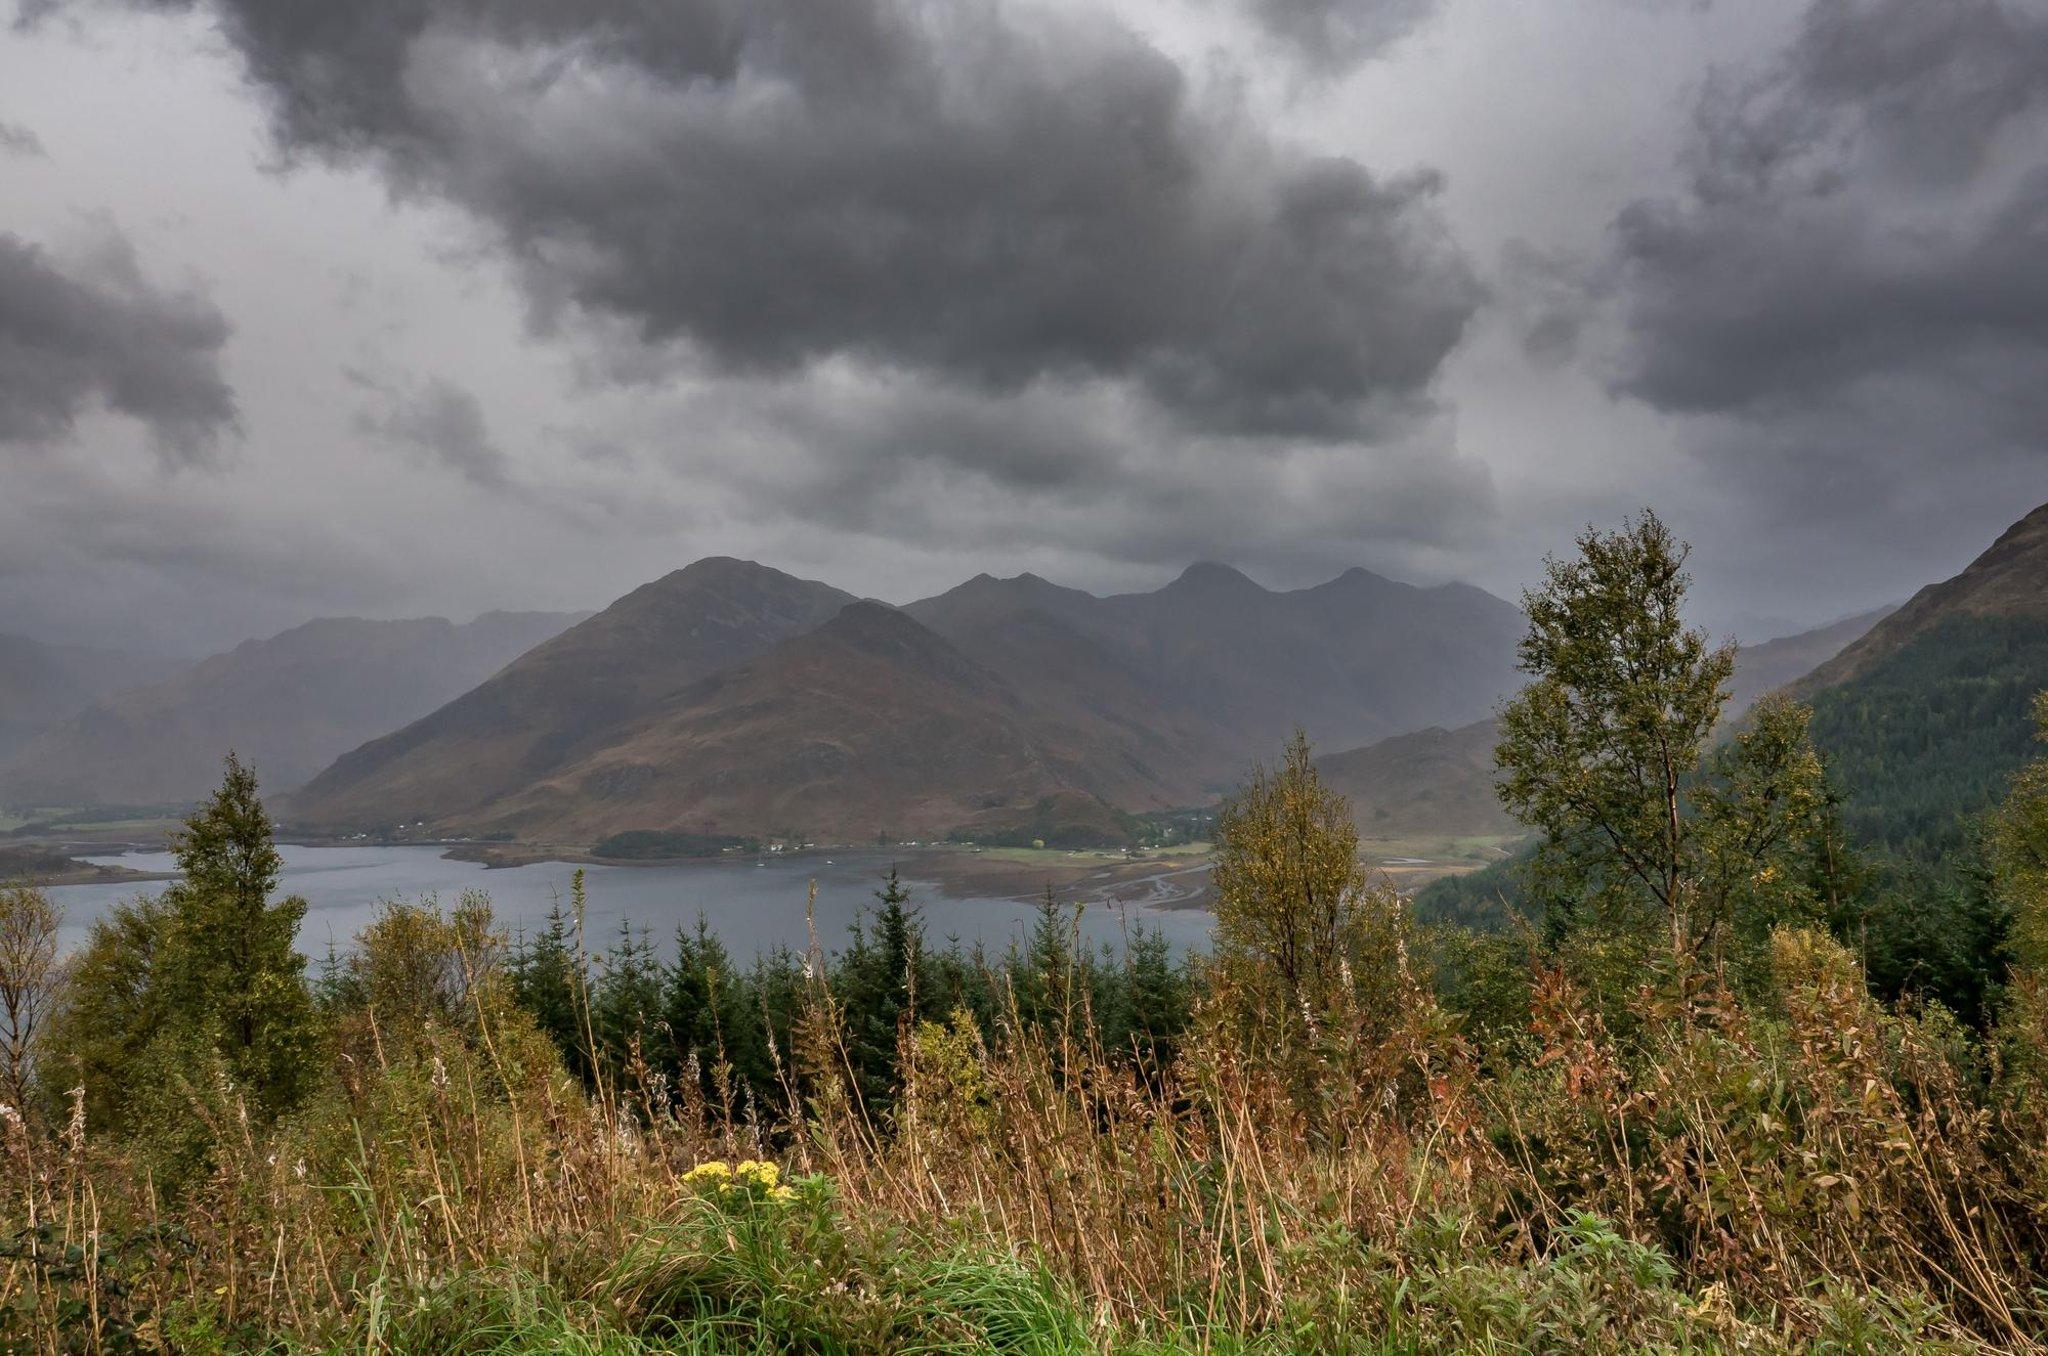 Skotlandia meluncurkan jalur nasional baru untuk menampilkan situs dan lanskap kelas dunia